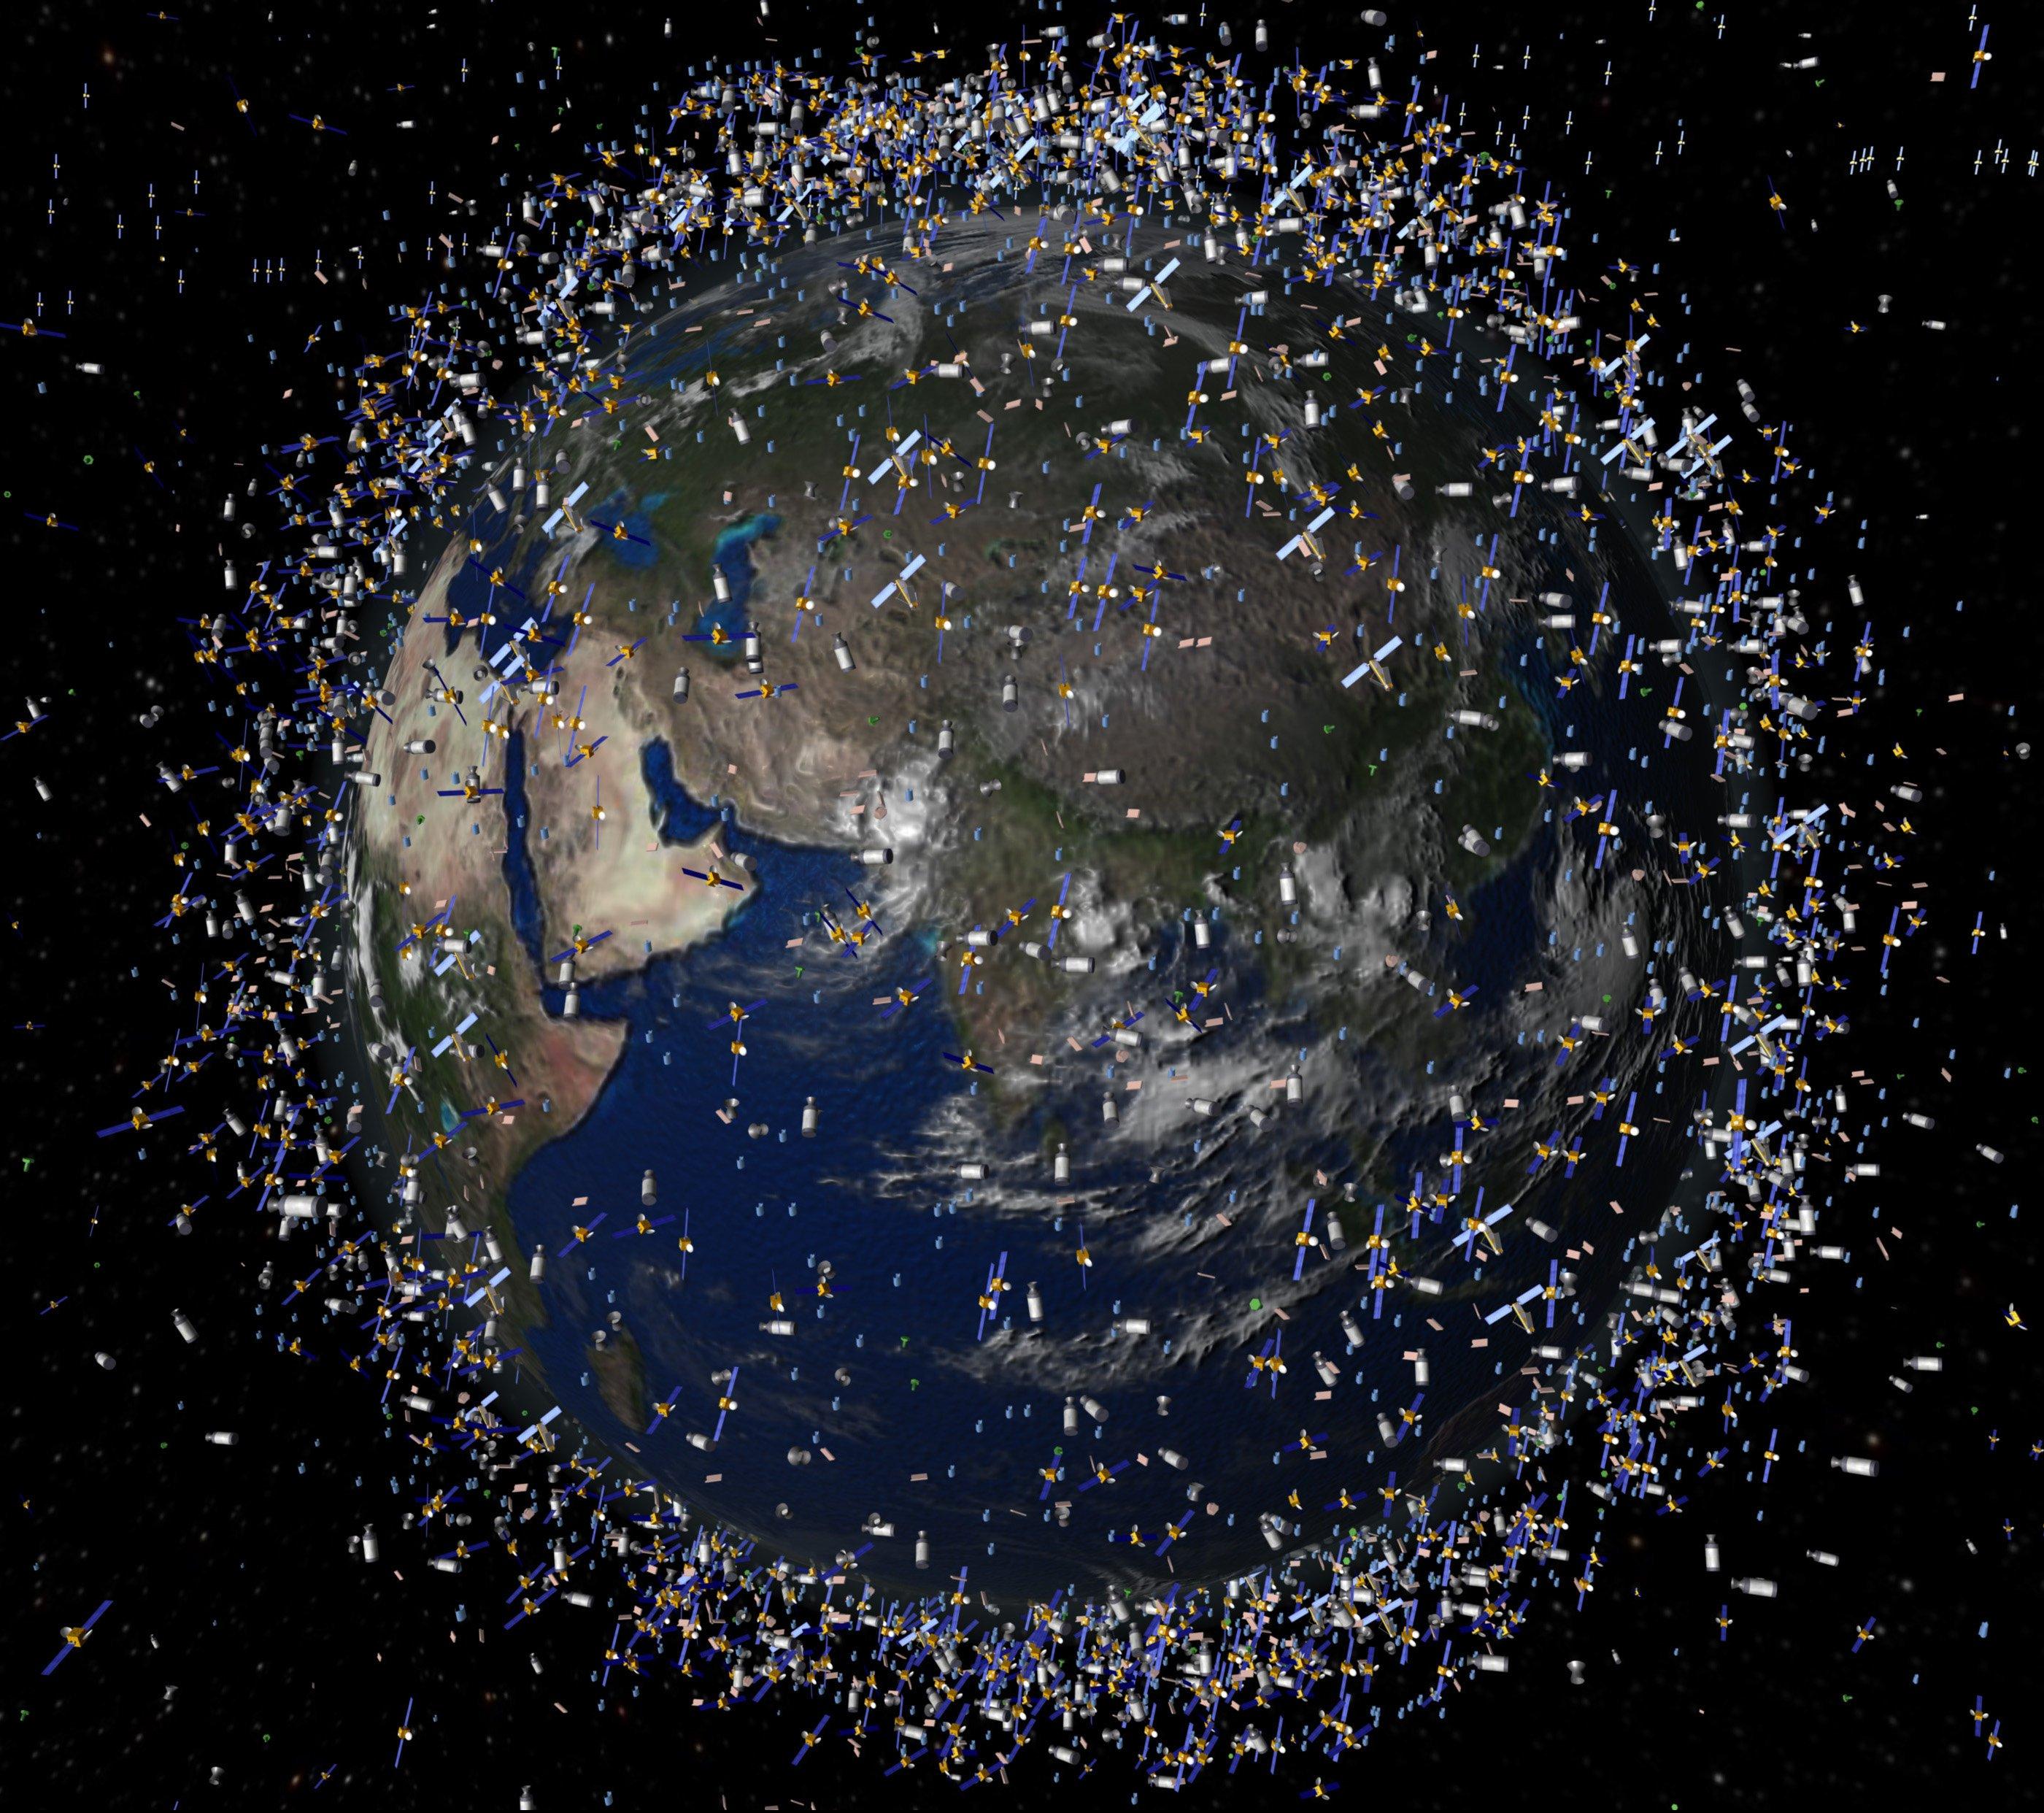 Das computergenerierte Bild der European Space Agency (ESA) zeigt Weltraummüll früherer Weltraummissionen, der neben intakten Satelliten um die Erde kreist.